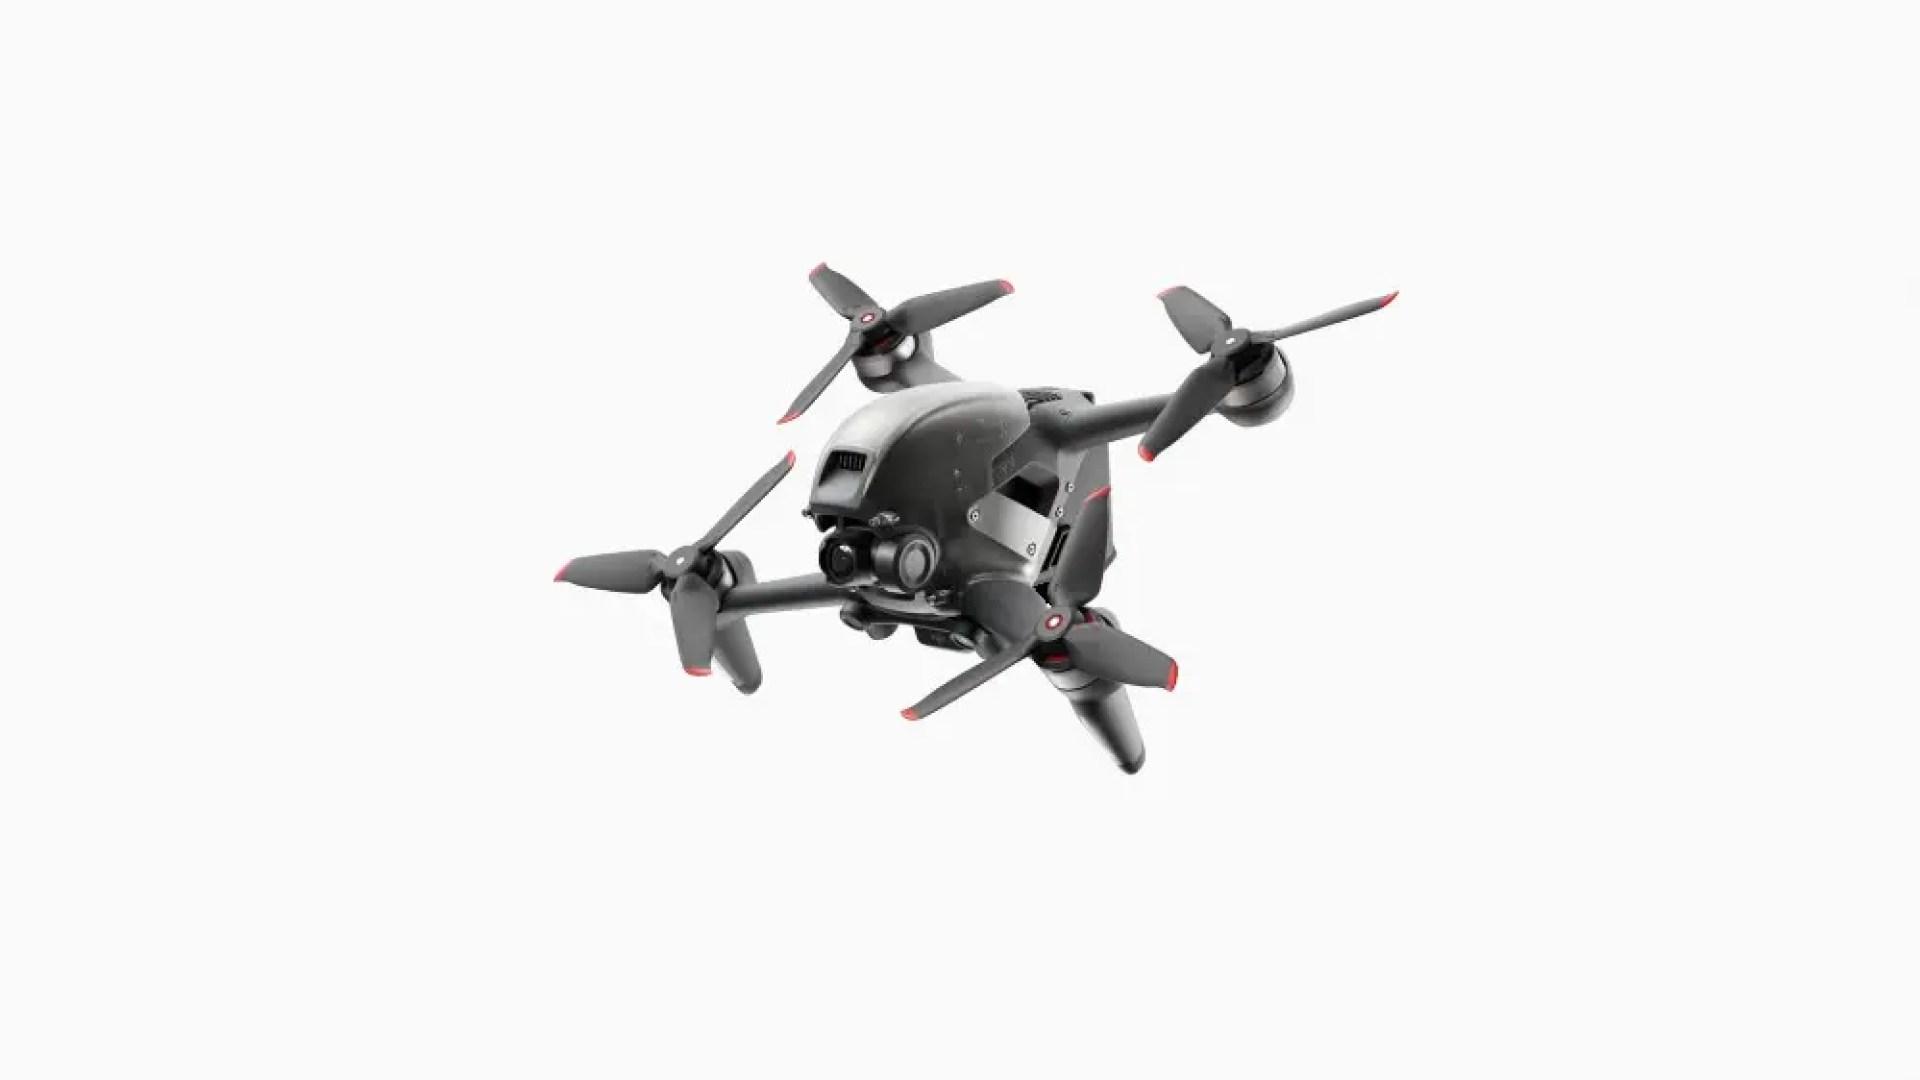 A closeup of the DJI FPV Drone